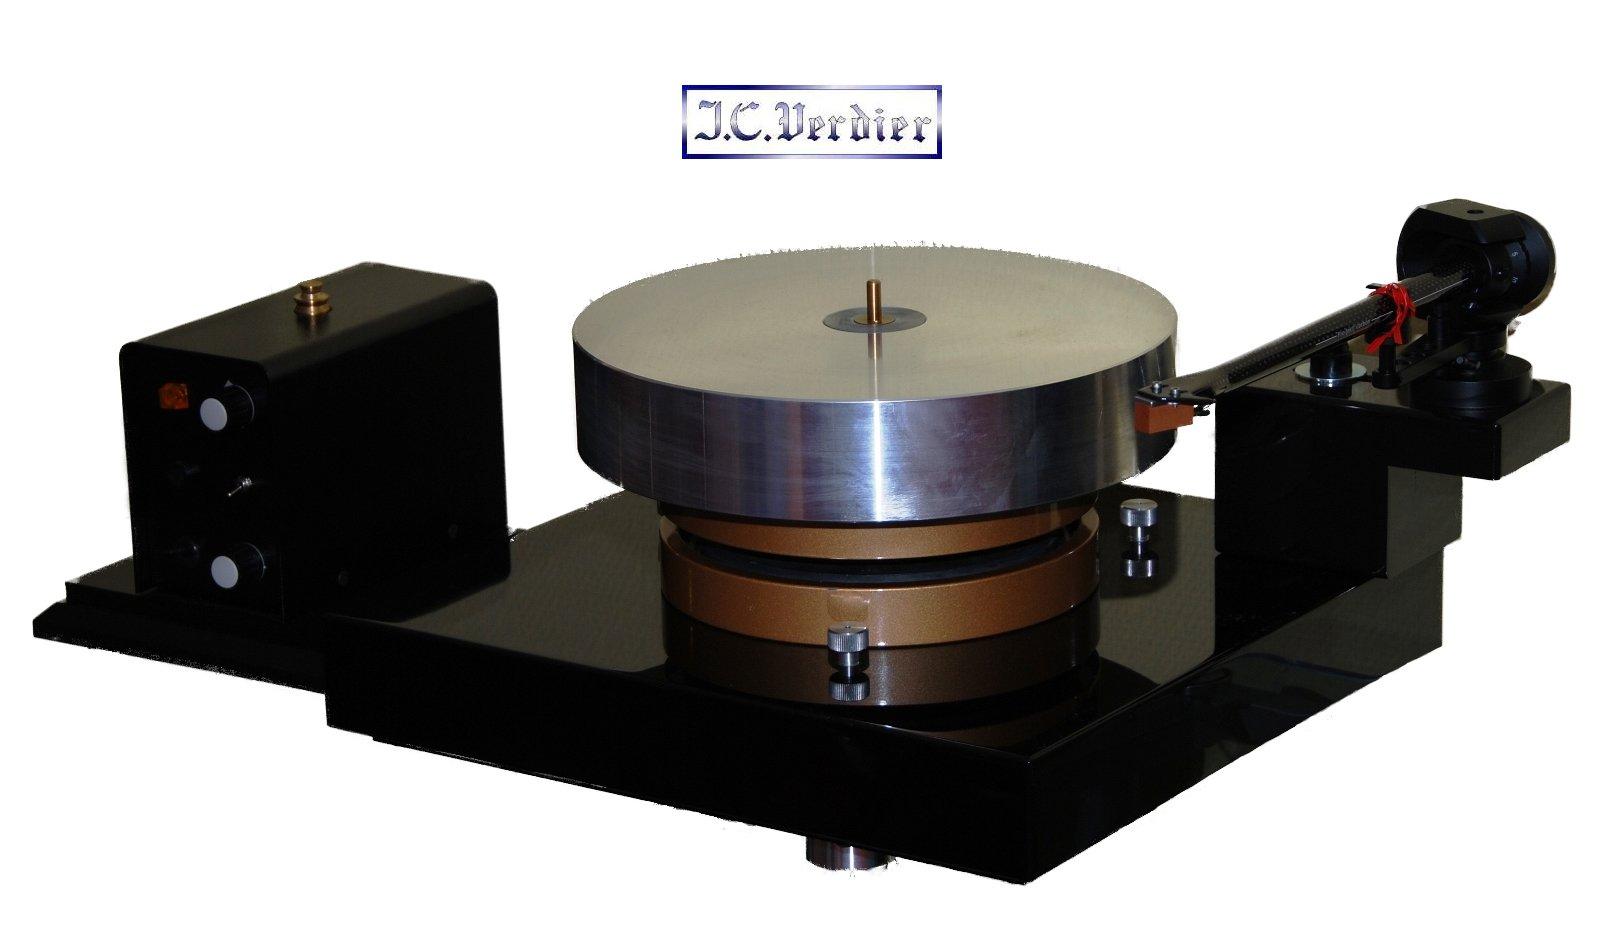 Das Verdier La Platine Vinyl-Laufwerk kauft man beim AkustikTune Hifi Fachhandel-Studio